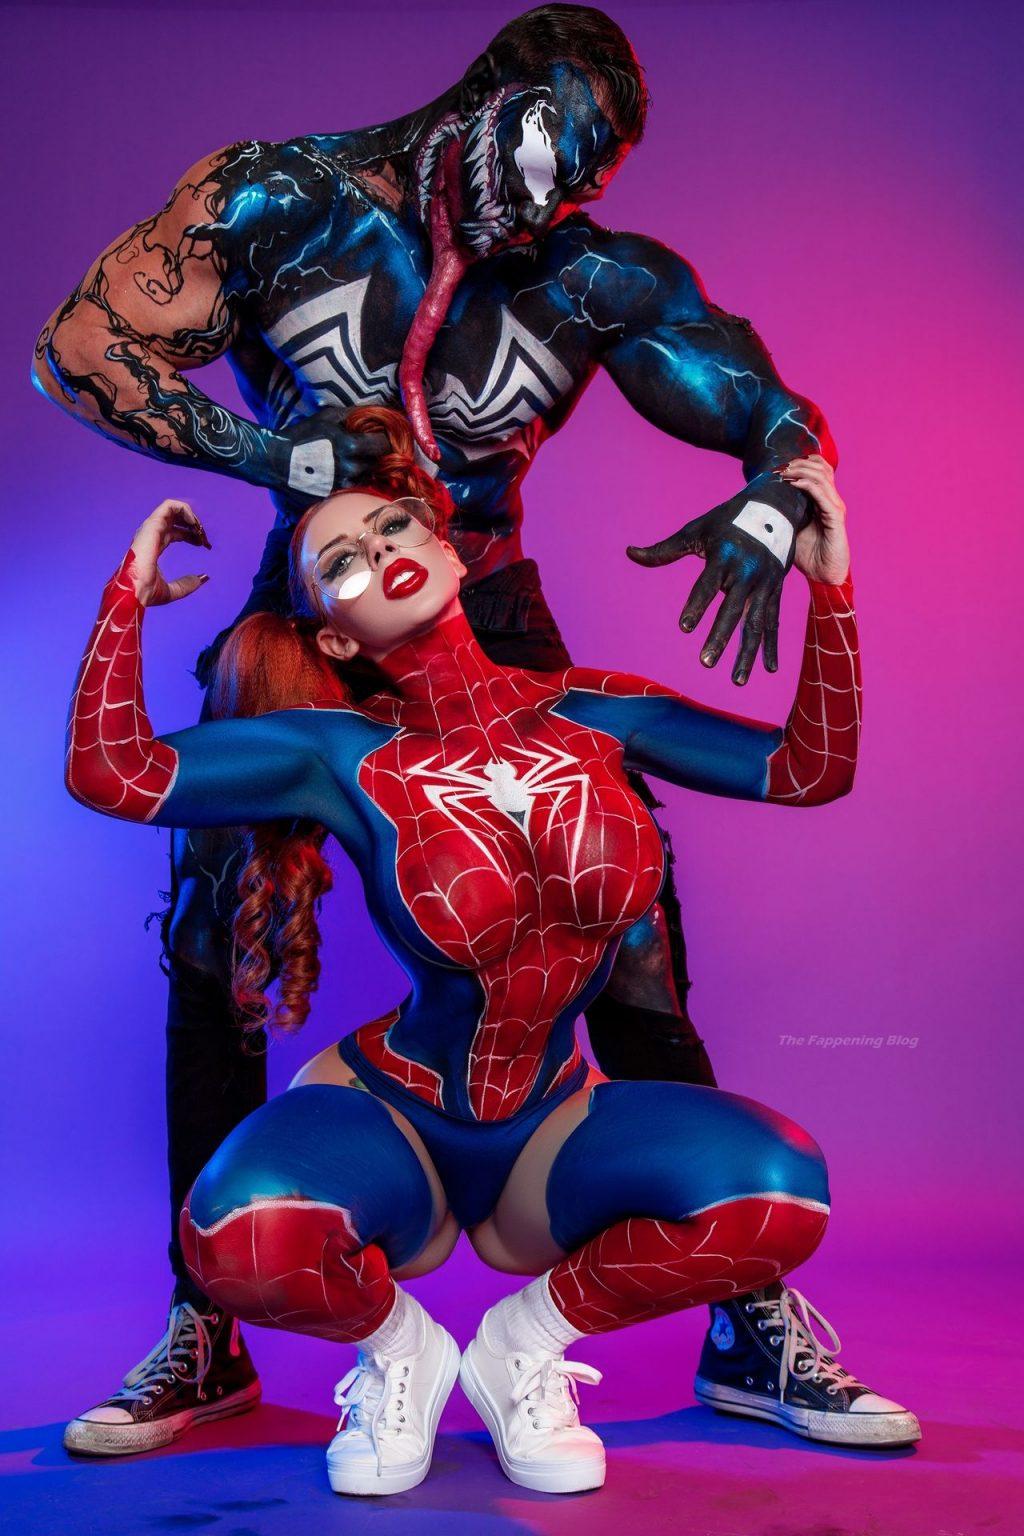 Amanda Nicole Transforms Into Real-life Spider Babe (17 Photos)